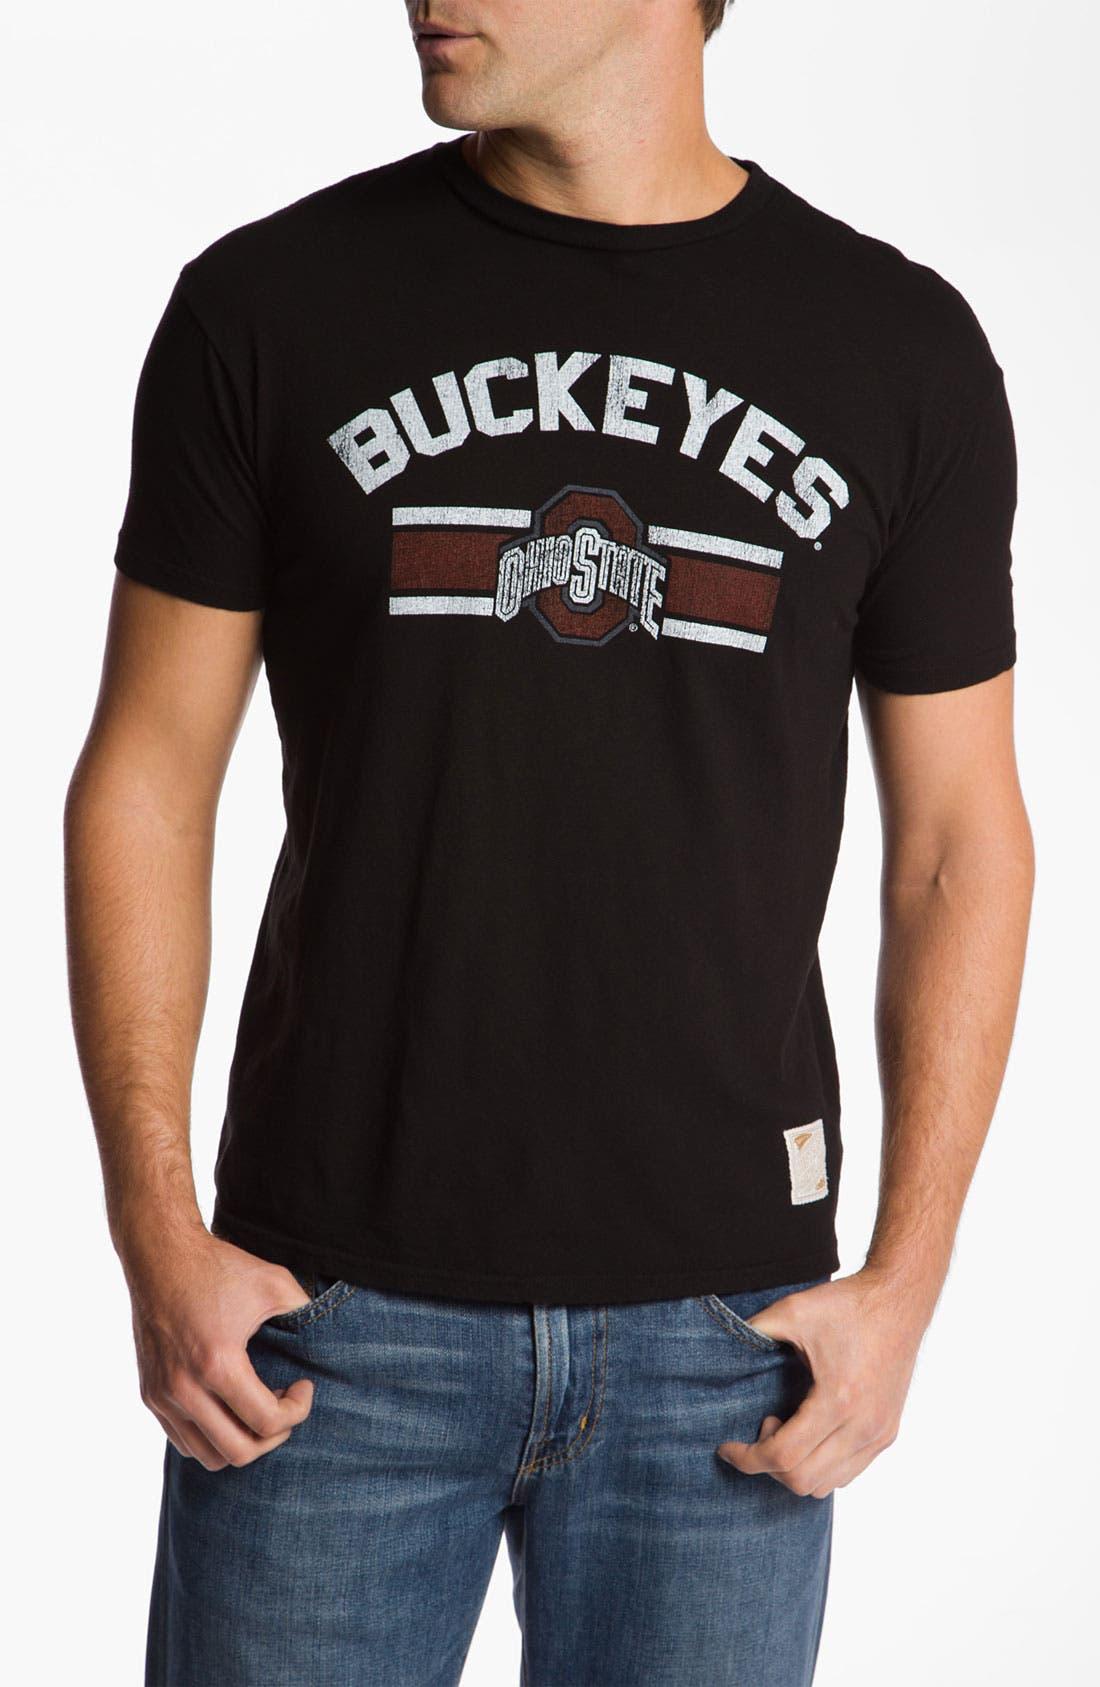 Main Image - The Original Retro Brand 'Ohio State Buckeyes' T-Shirt